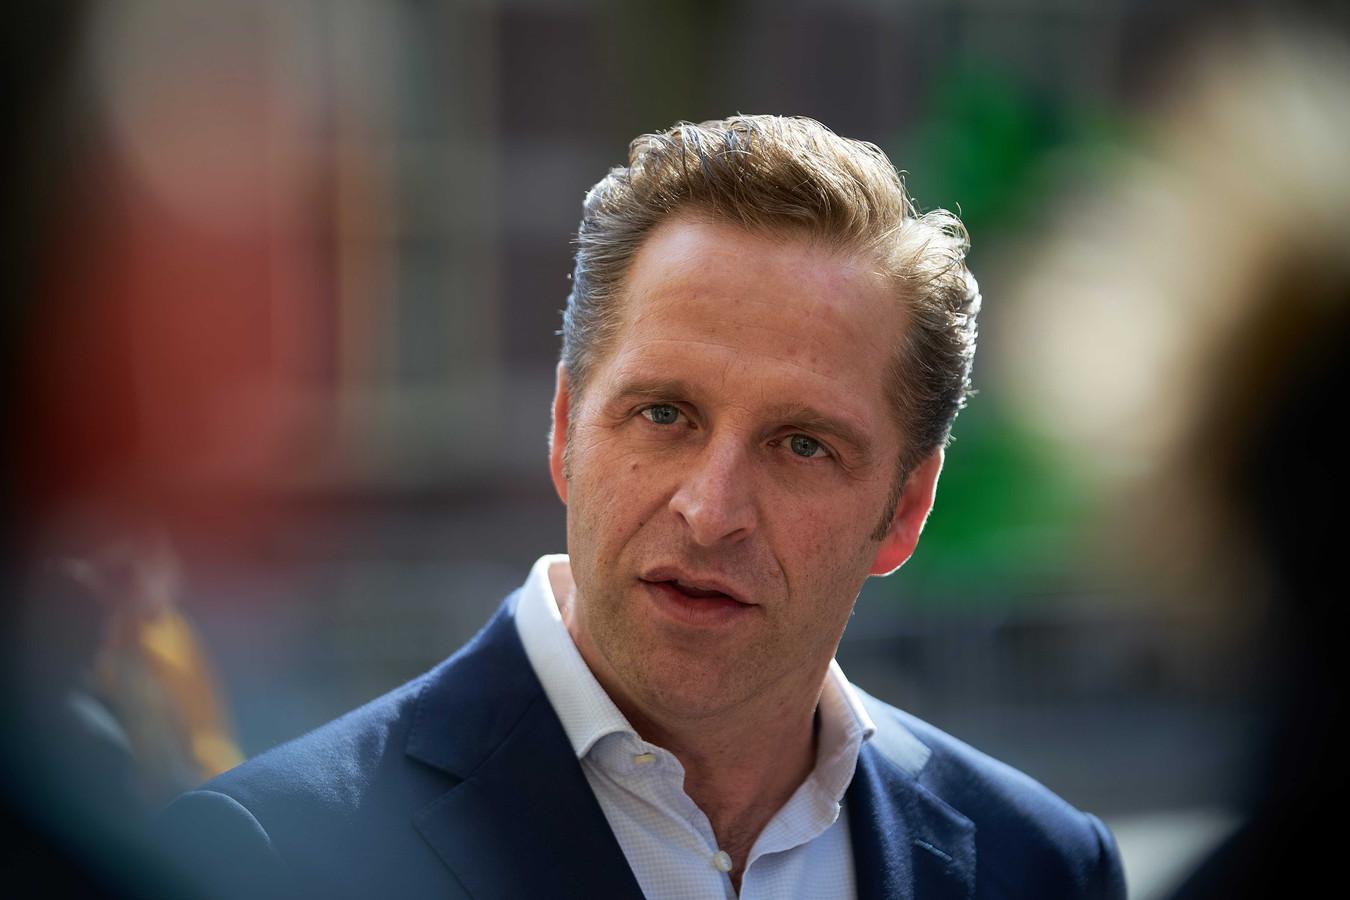 Demissionair minister Hugo de Jonge van Volksgezondheid, Welzijn en Sport.